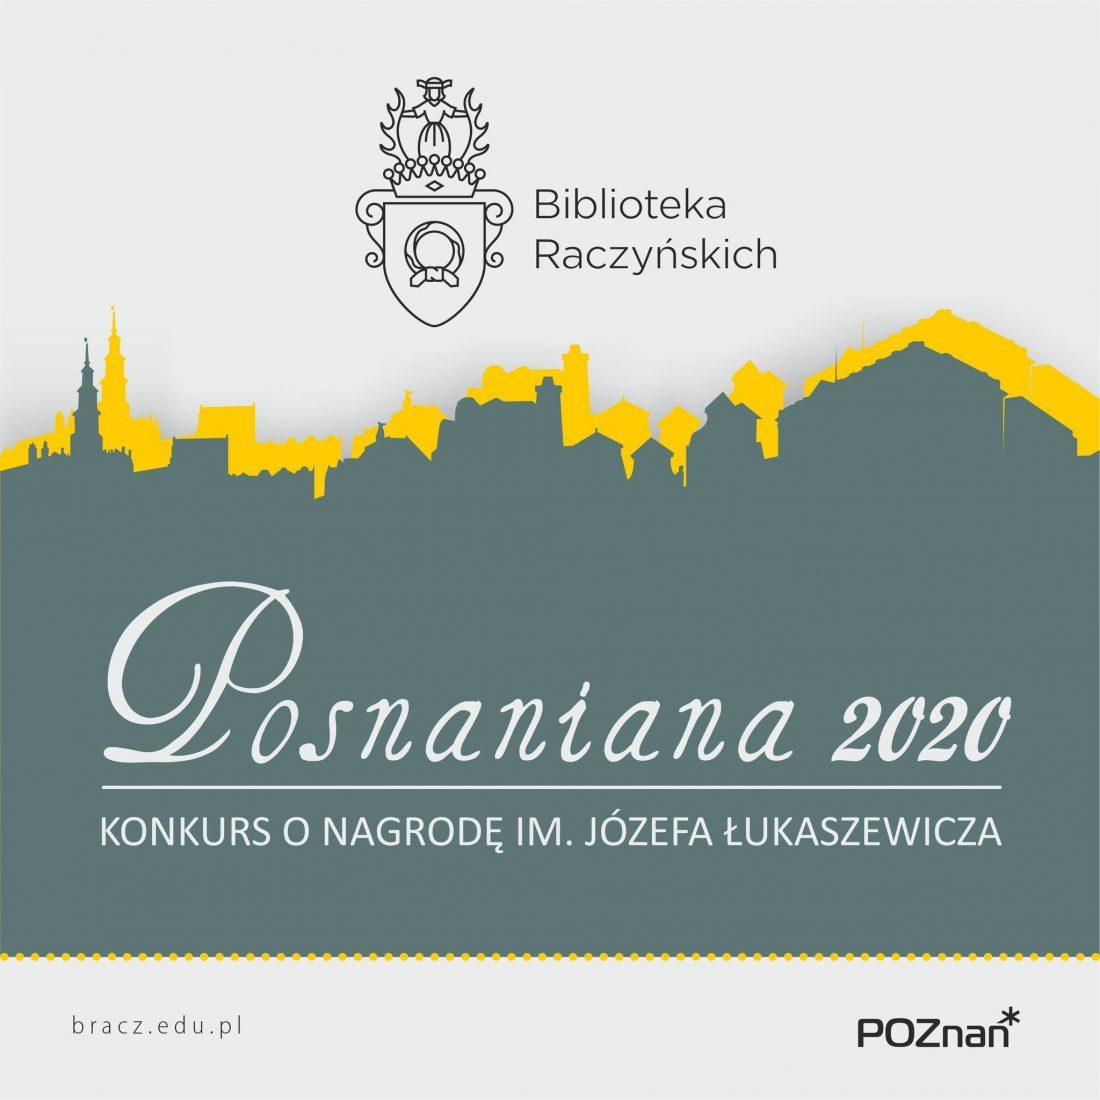 Grafika towrzysząca konkursowi o funkcji ozdobnej, przedstawiająca zarys panoramy Poznania.